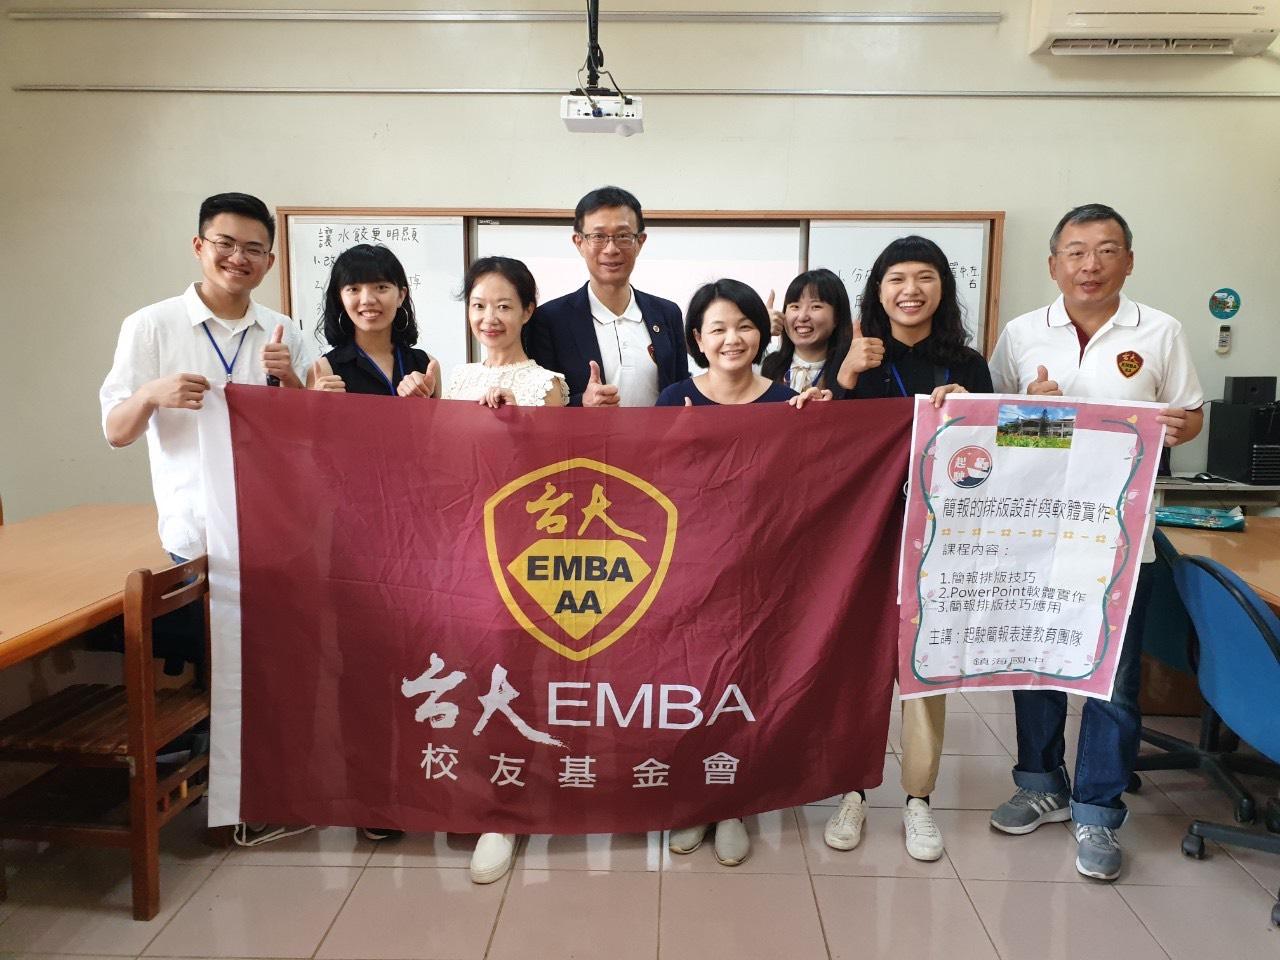 台大EMBA校友基金會陳炯瑜董事長(左4)與鎮海國中吳憶如校長(右4) 以及起駛偏鄉簡報表達教育團隊